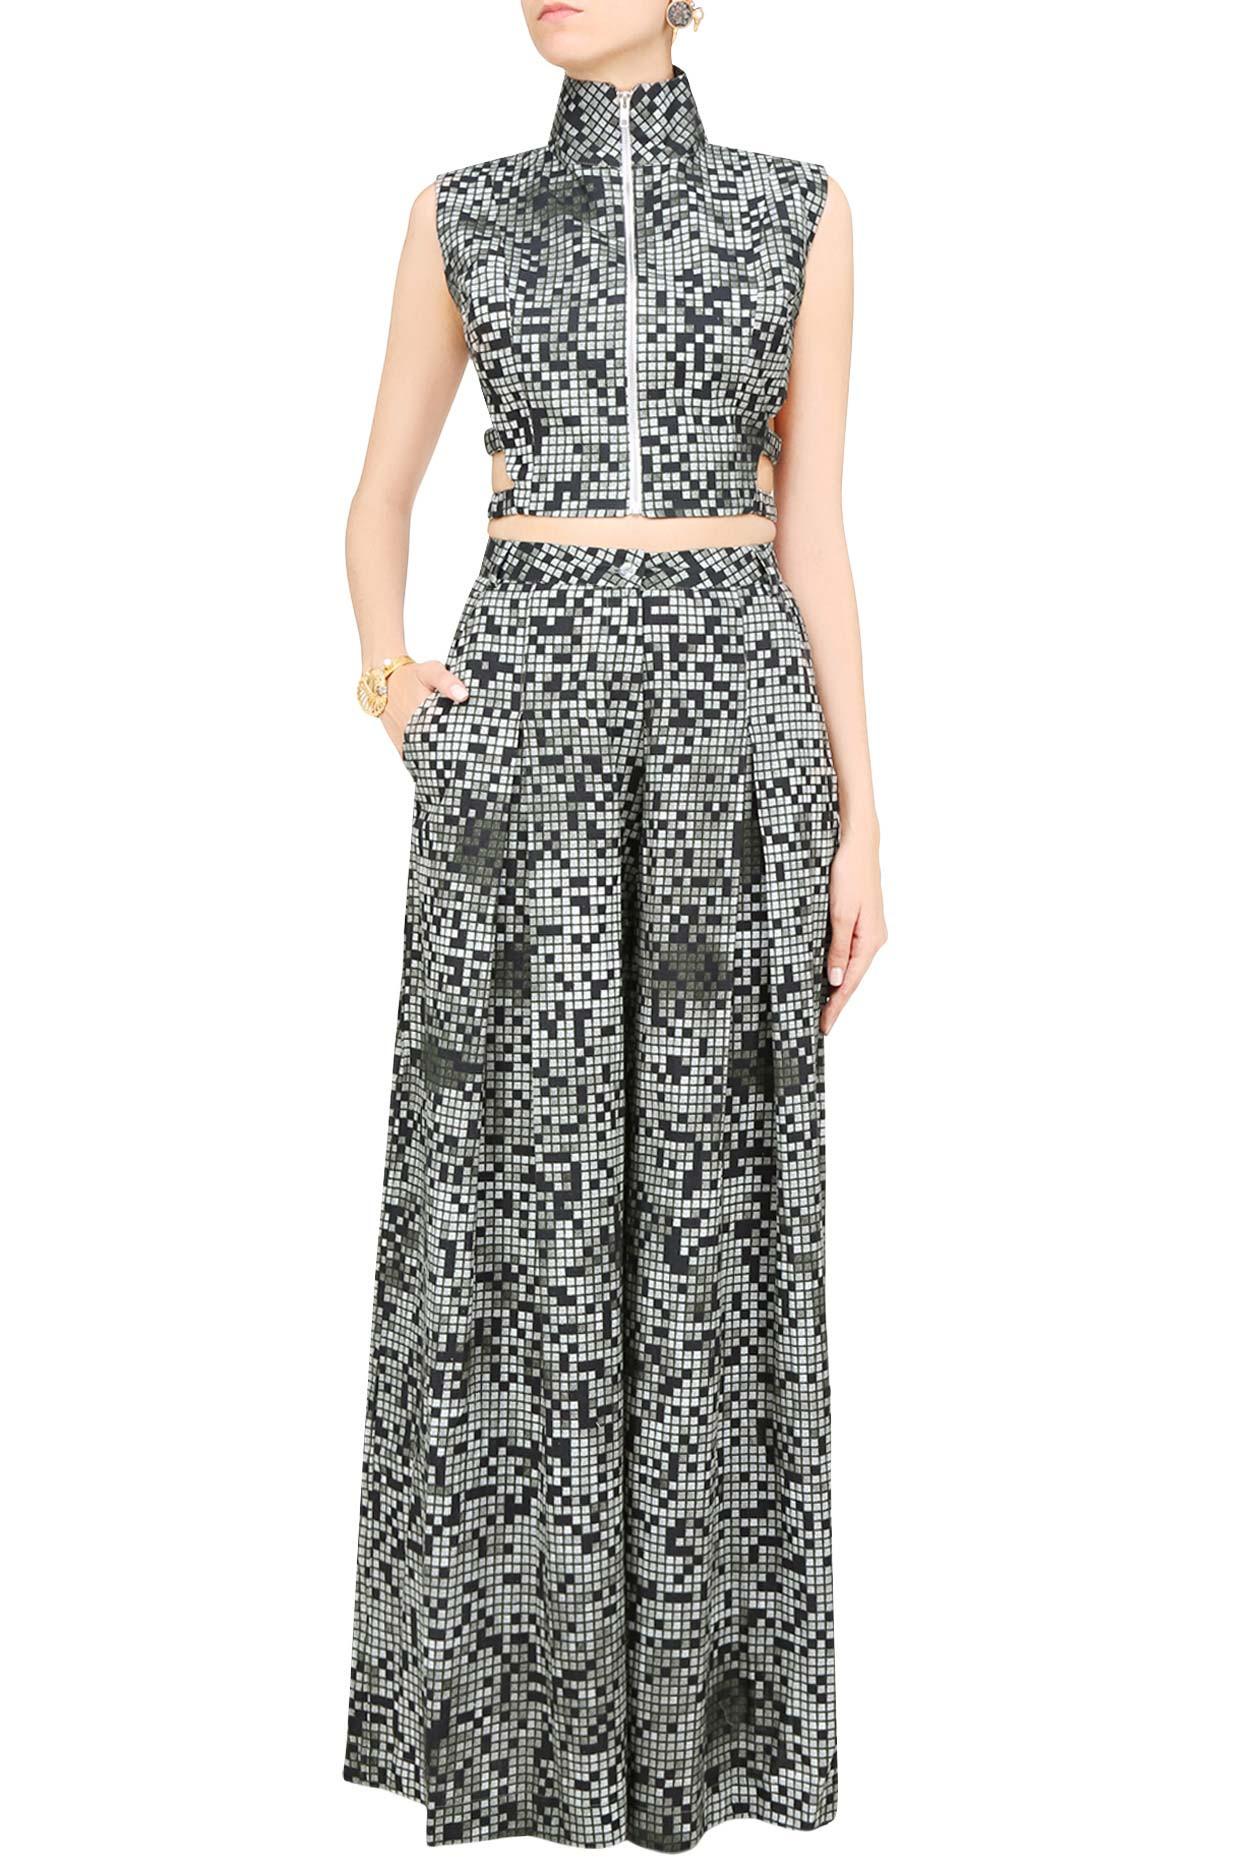 Grey Pixel Printed Crop Top and Pants Set by Surendri